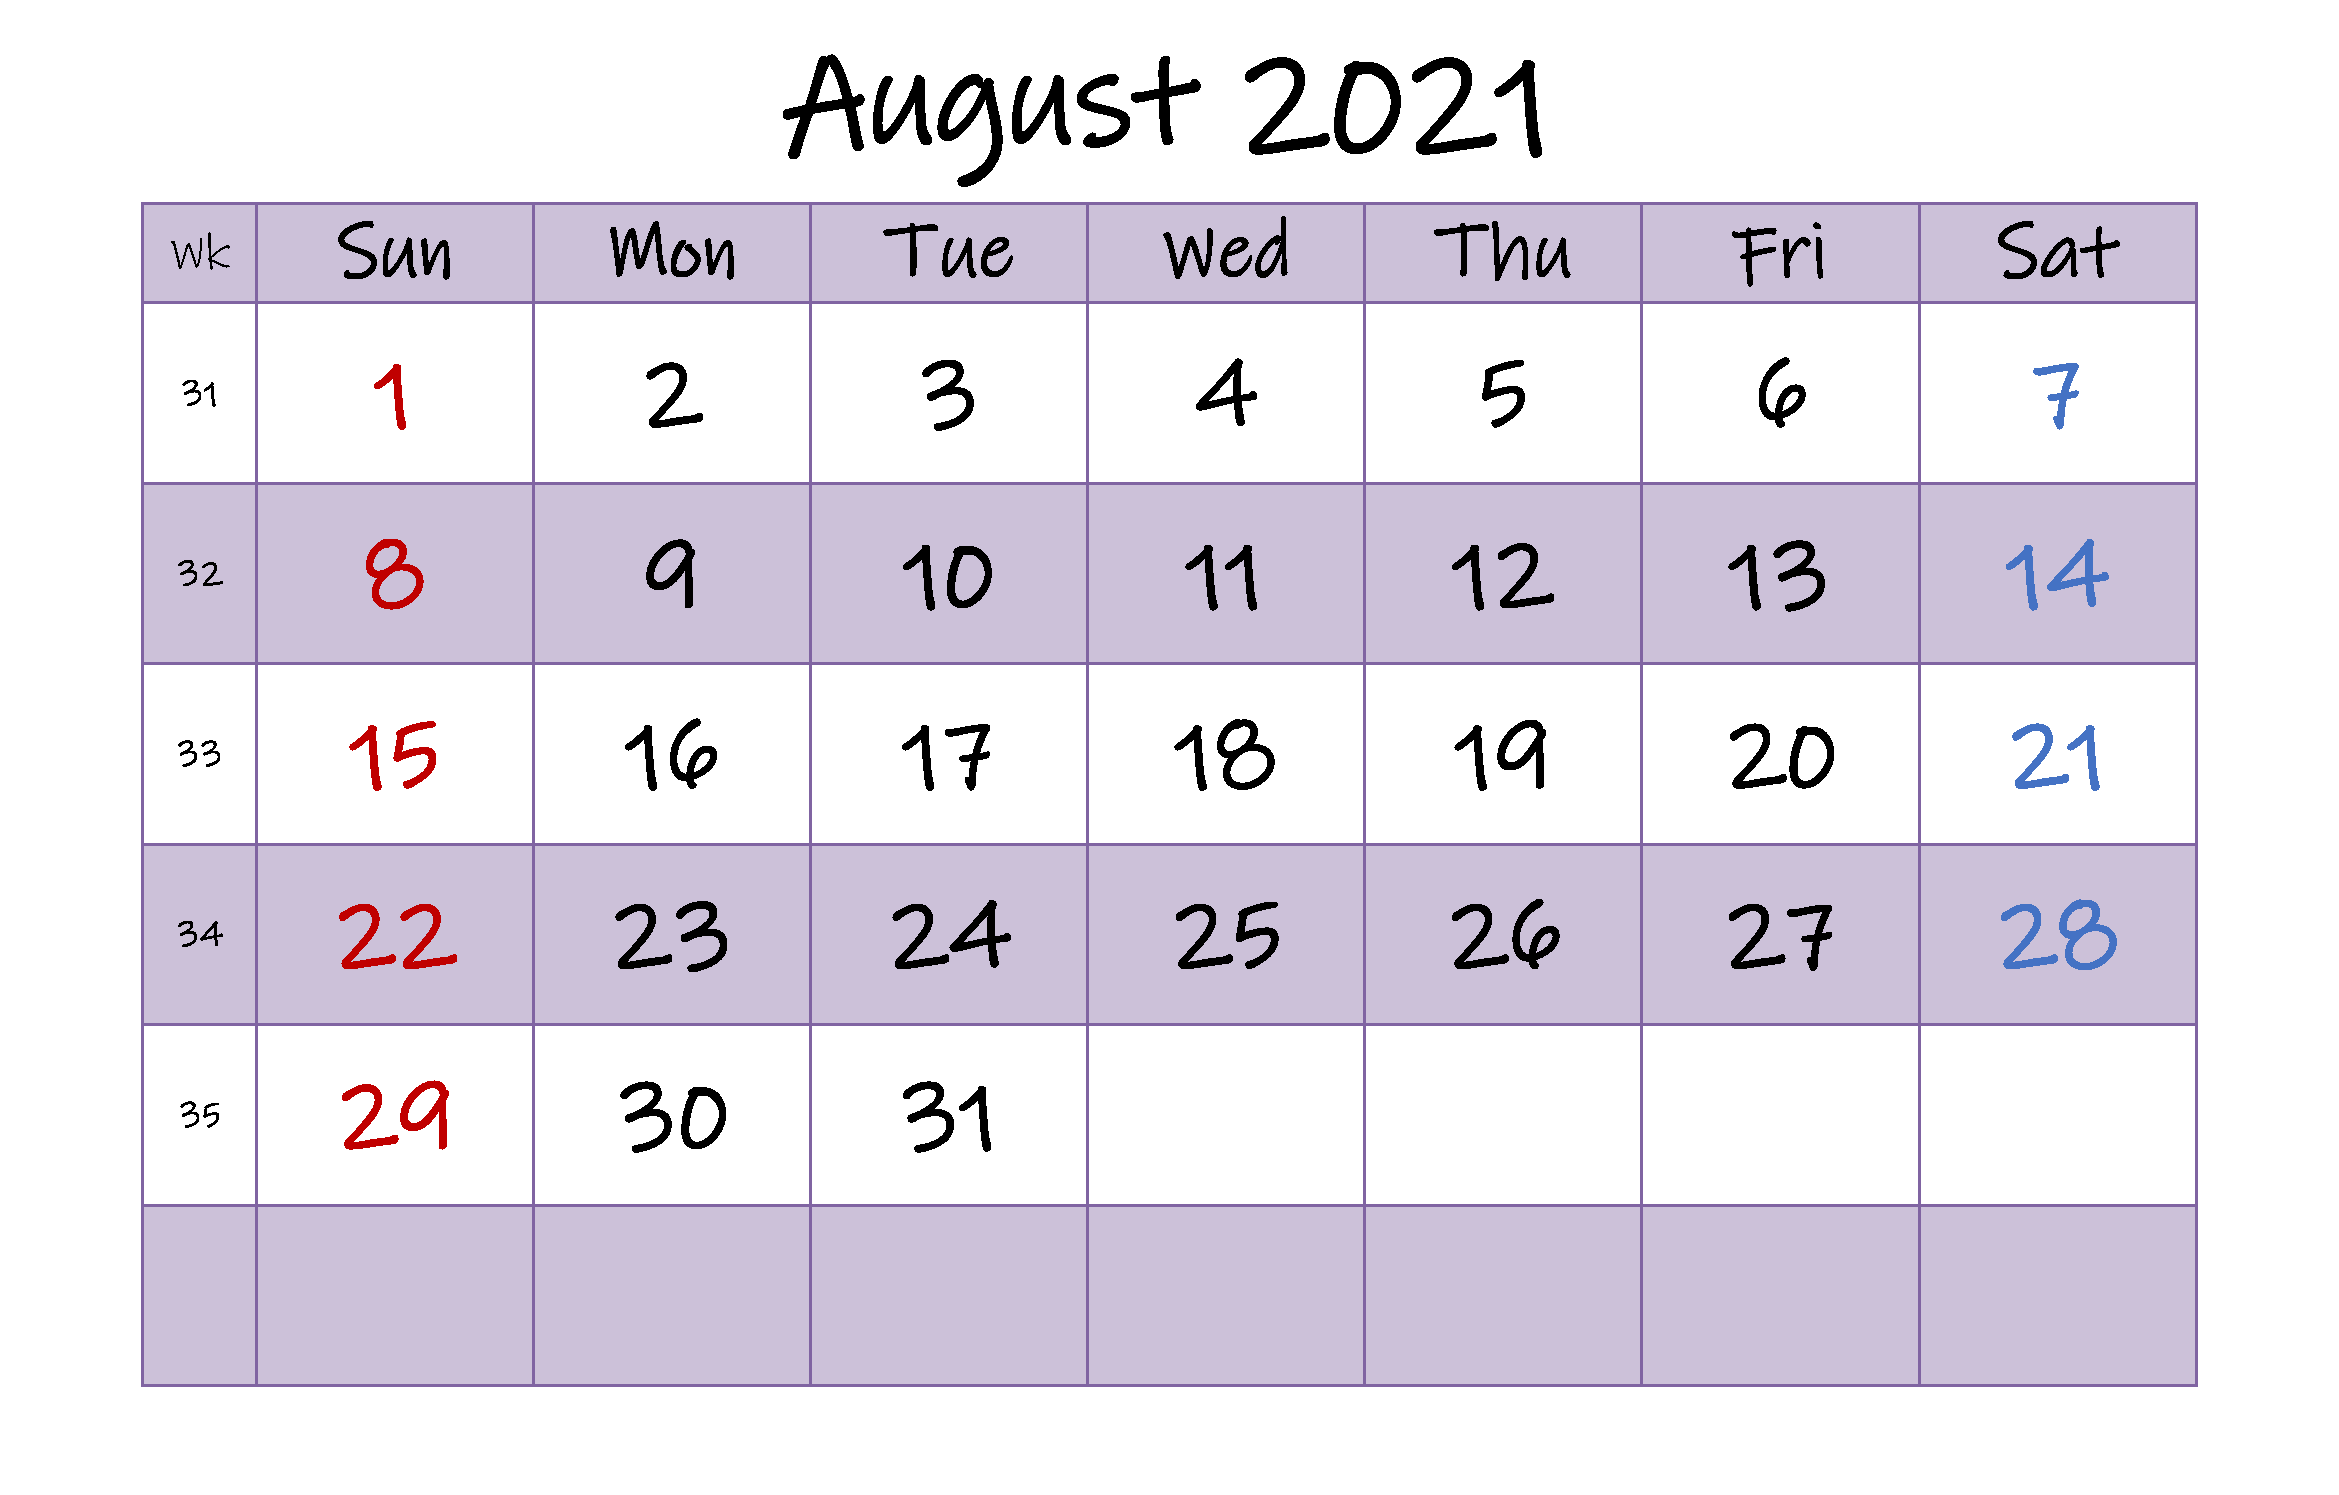 2021 August Calendar Editable